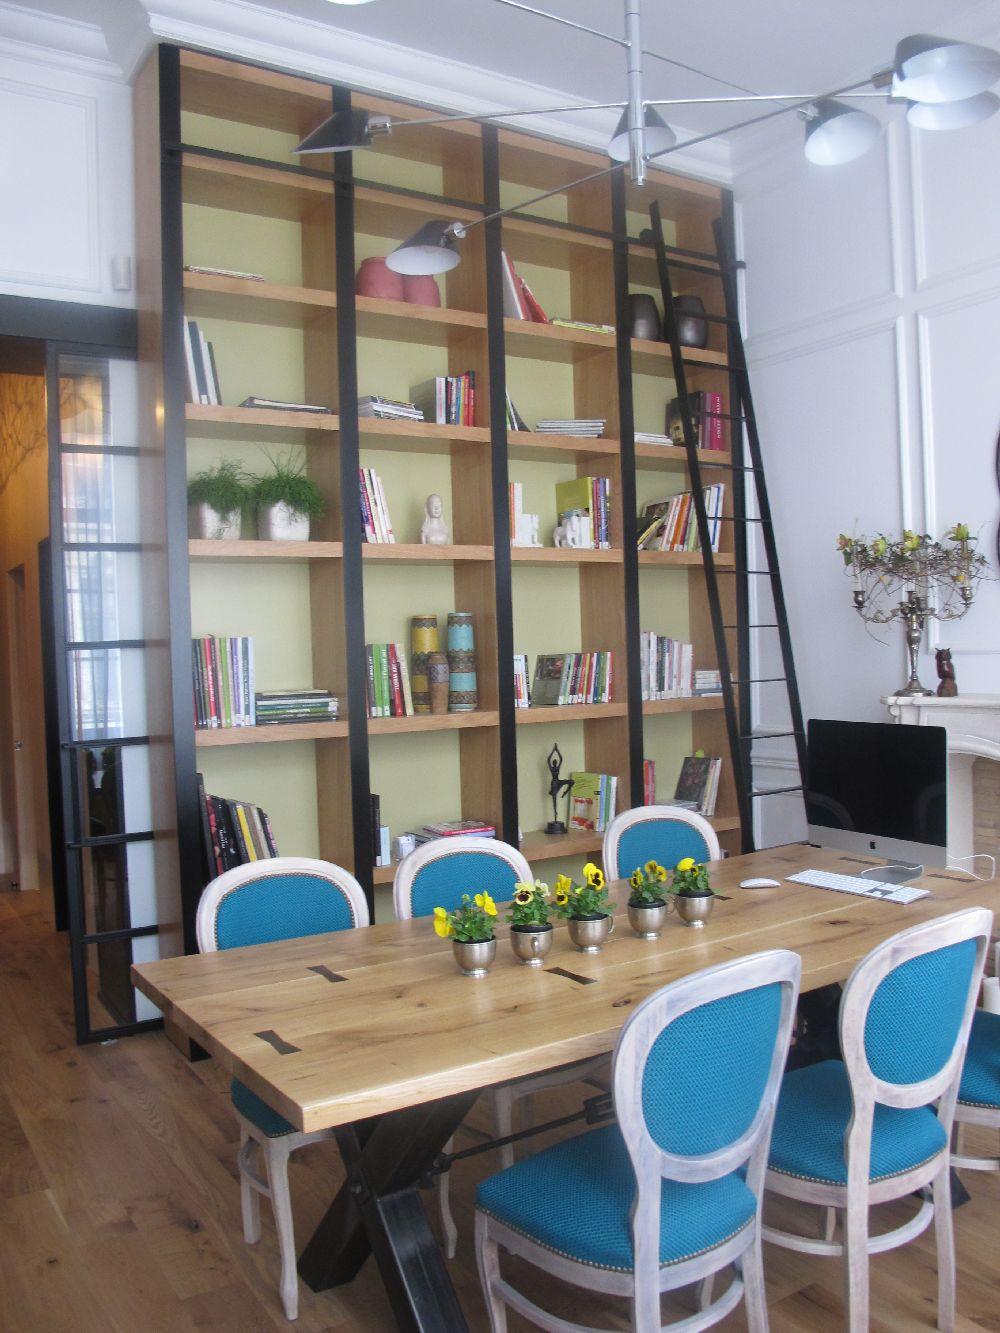 adelaparvu.com despre atelierul designerului florist Nicu Bocancea, Foraria Iris, design interior Pascal Delmotte (62)